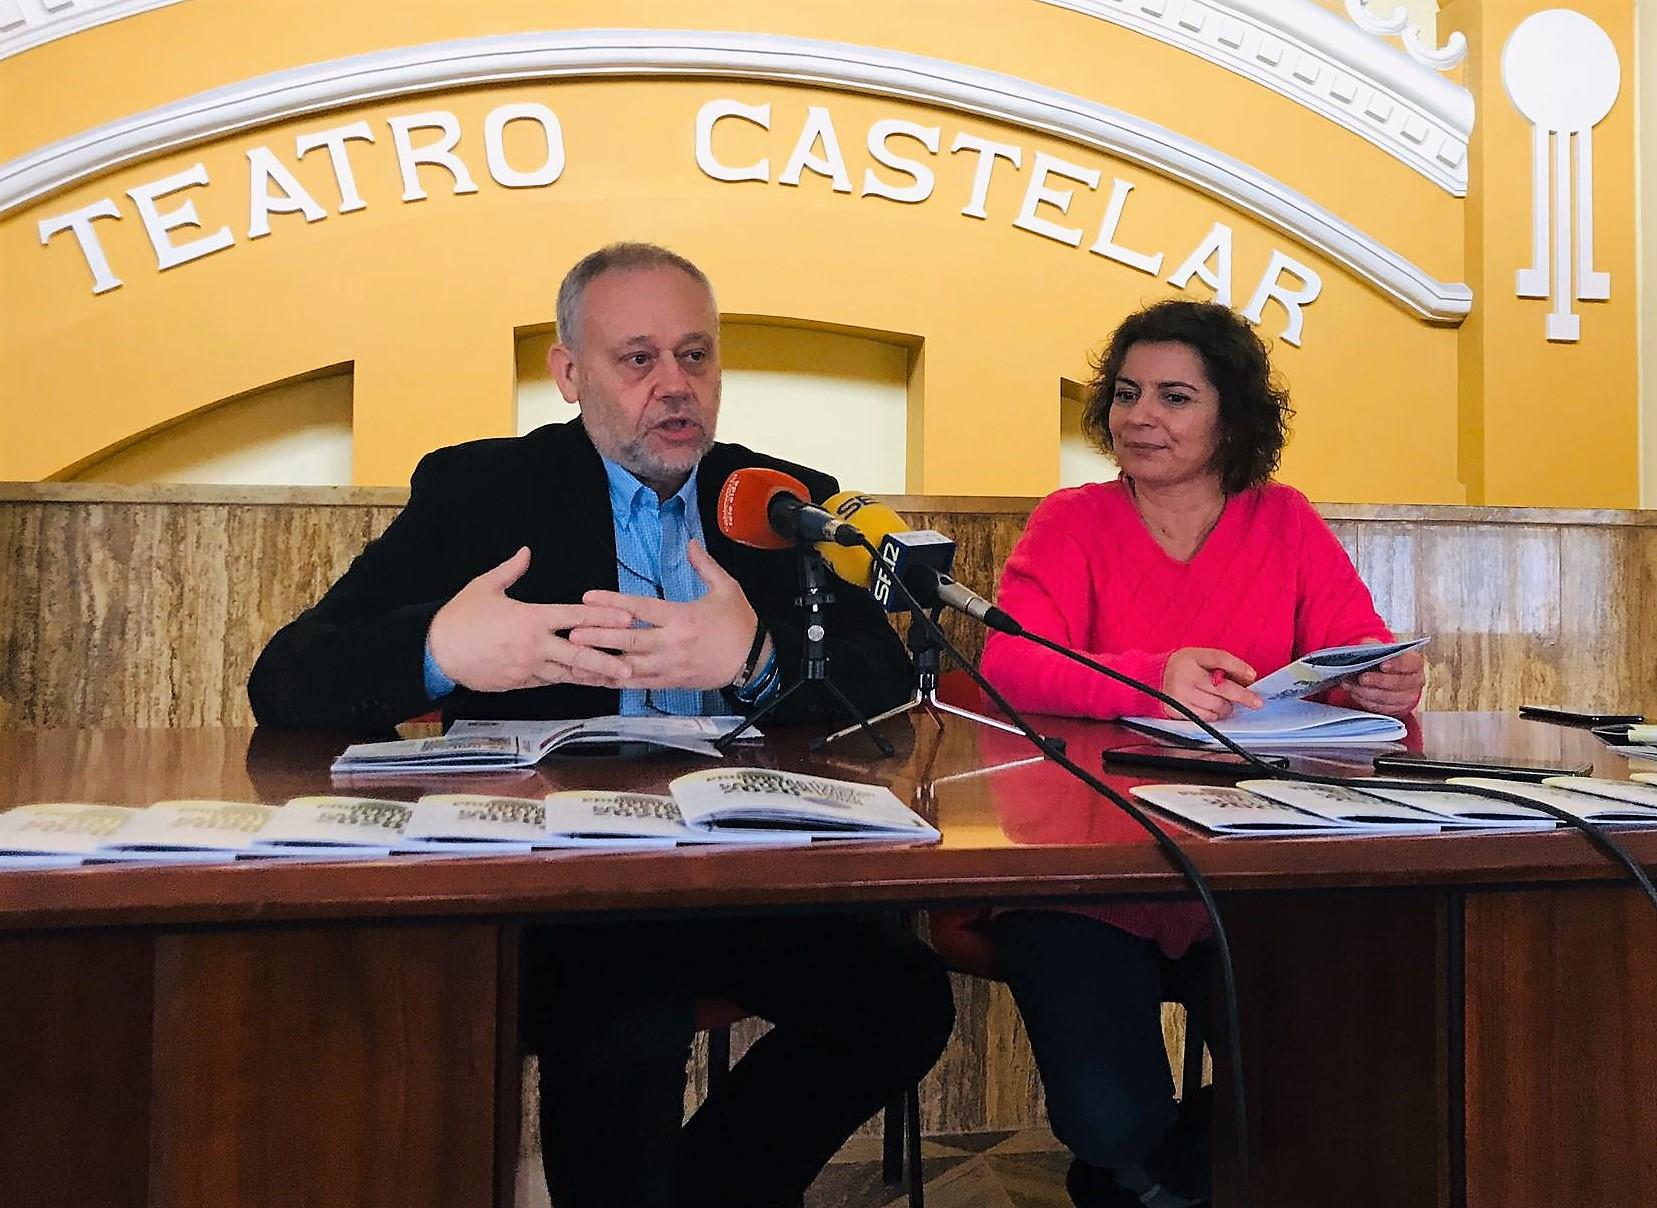 La programación del Teatro Castelar para el primer semestre de 2020 incluye una amplia oferta de espectáculos